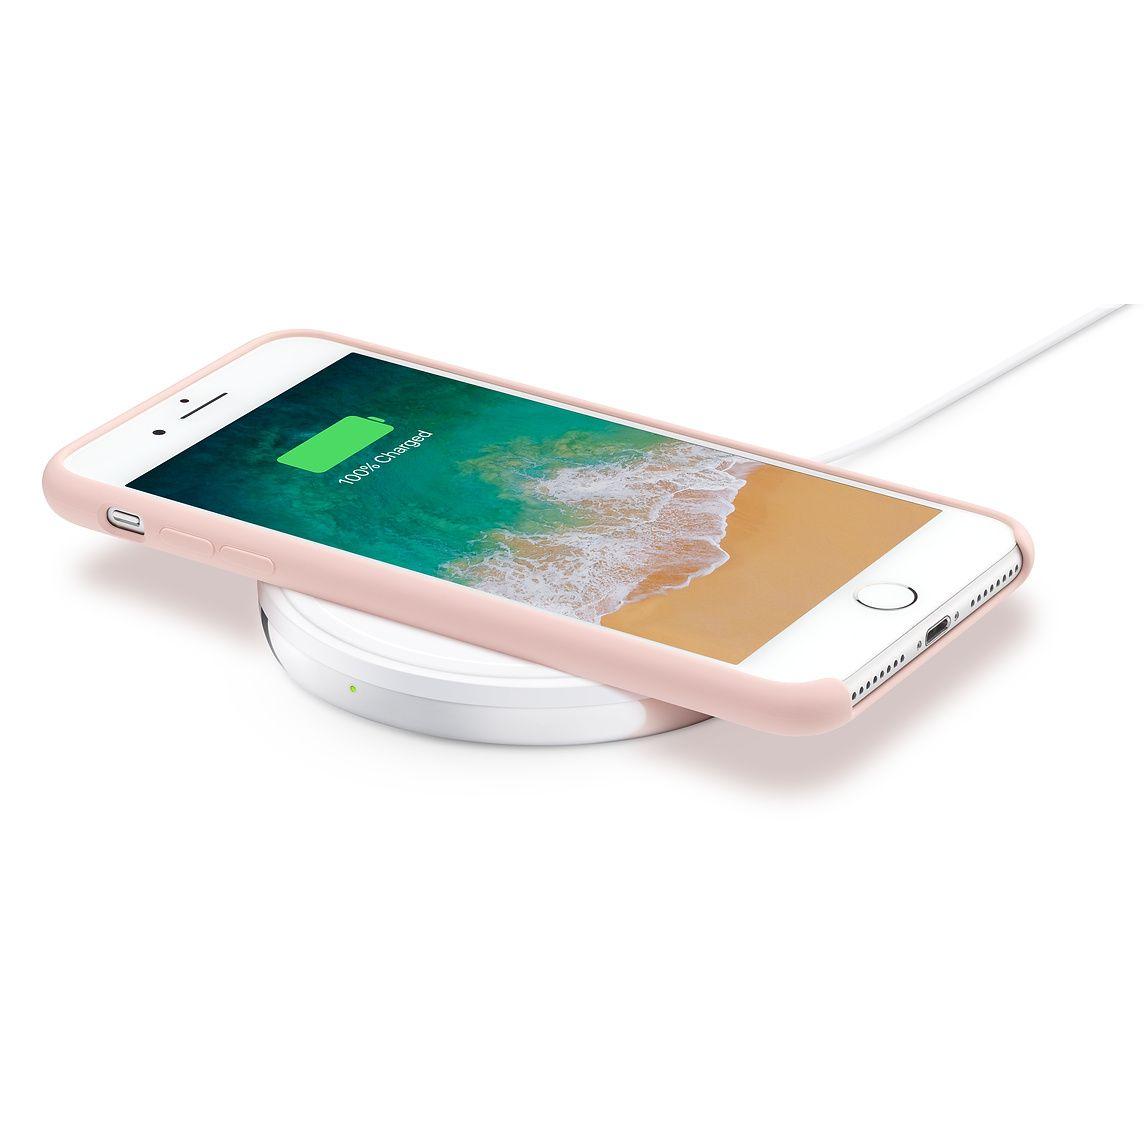 Belkin Boost Up Special Edition Wireless Charging Pad Space Gray Apple Wireless Charging Pad Belkin Wireless